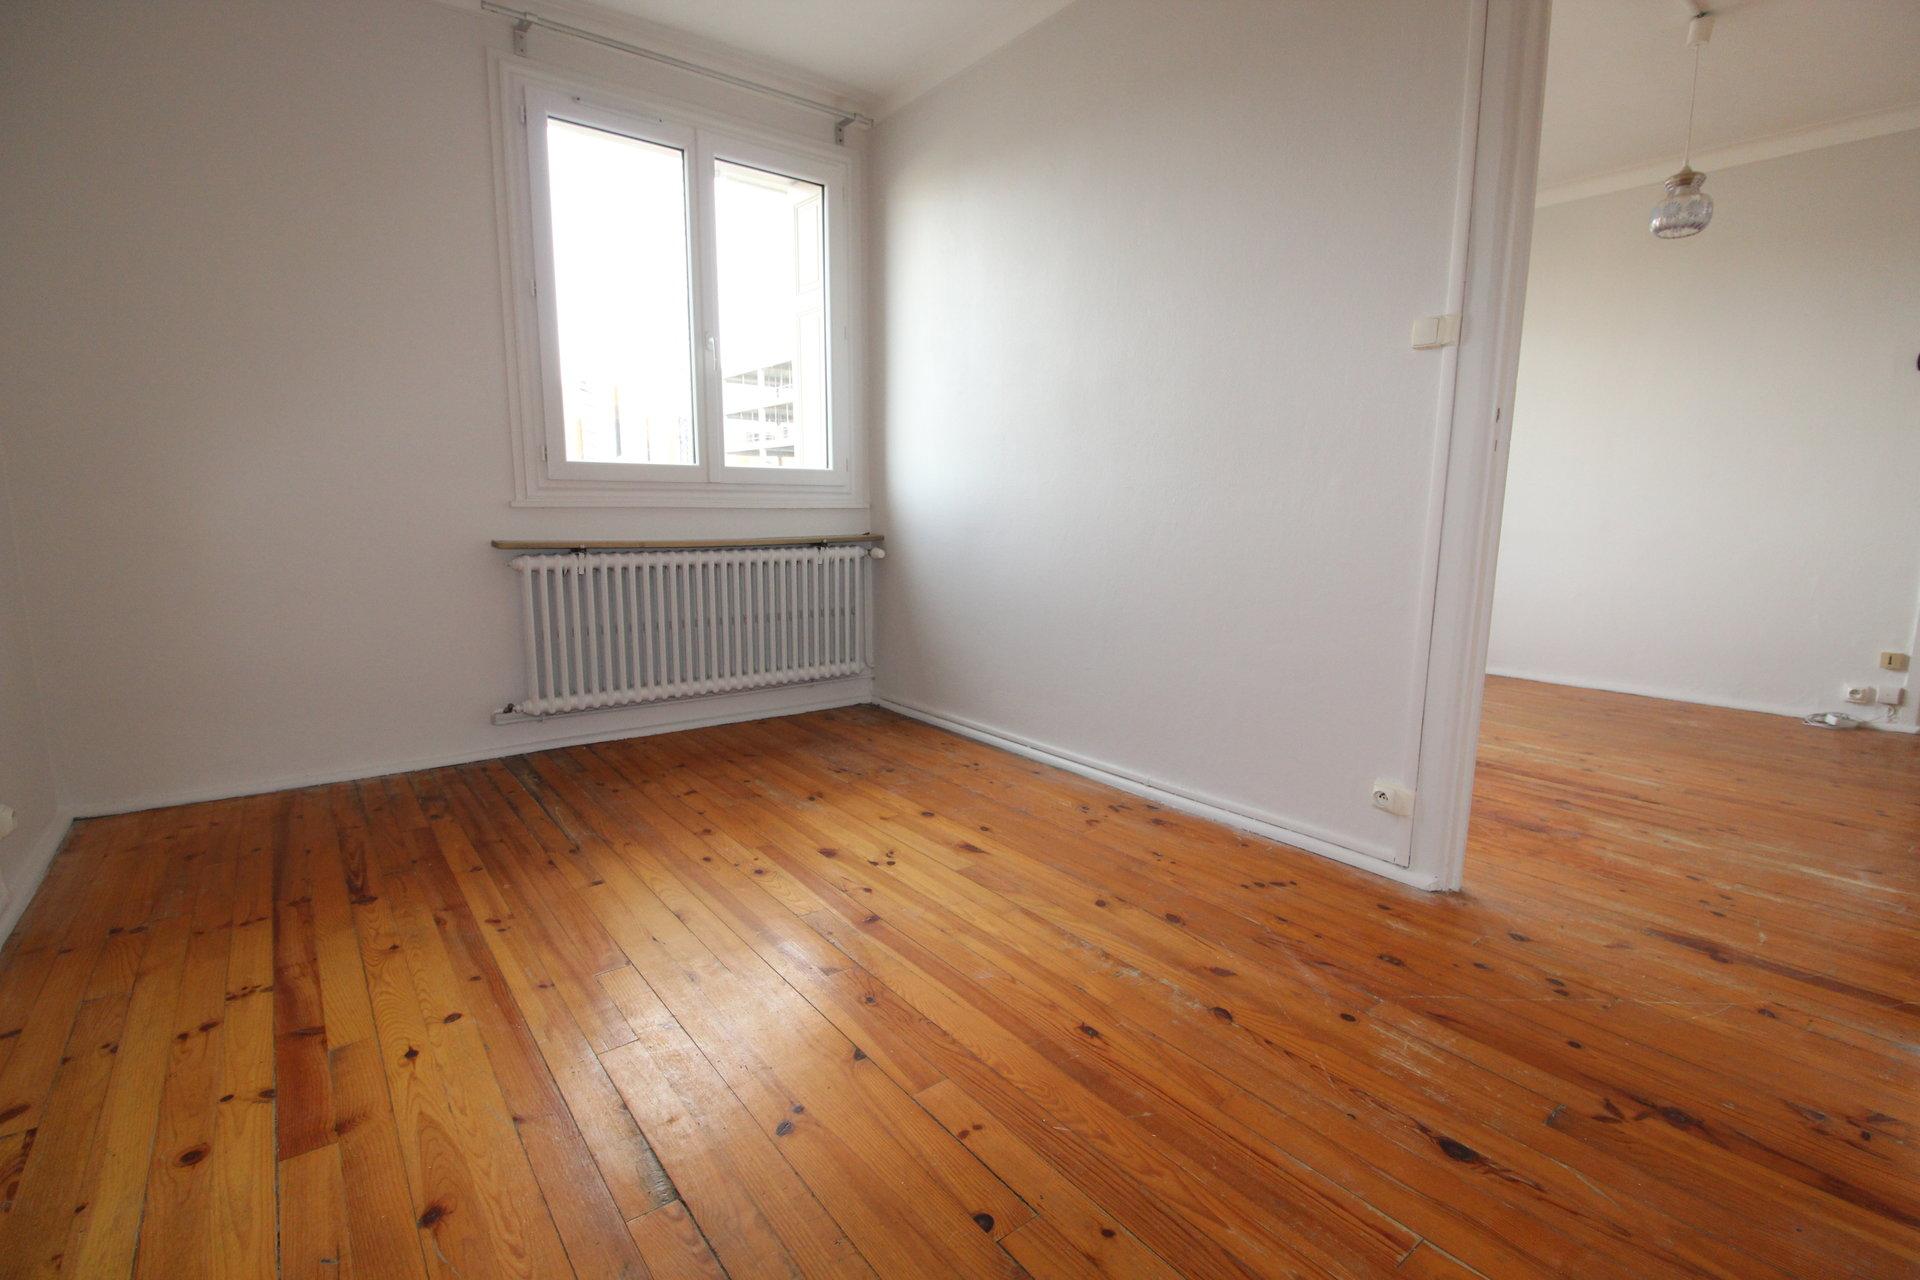 Appartement Saint Etienne Bergson 2 pièces 40 m2